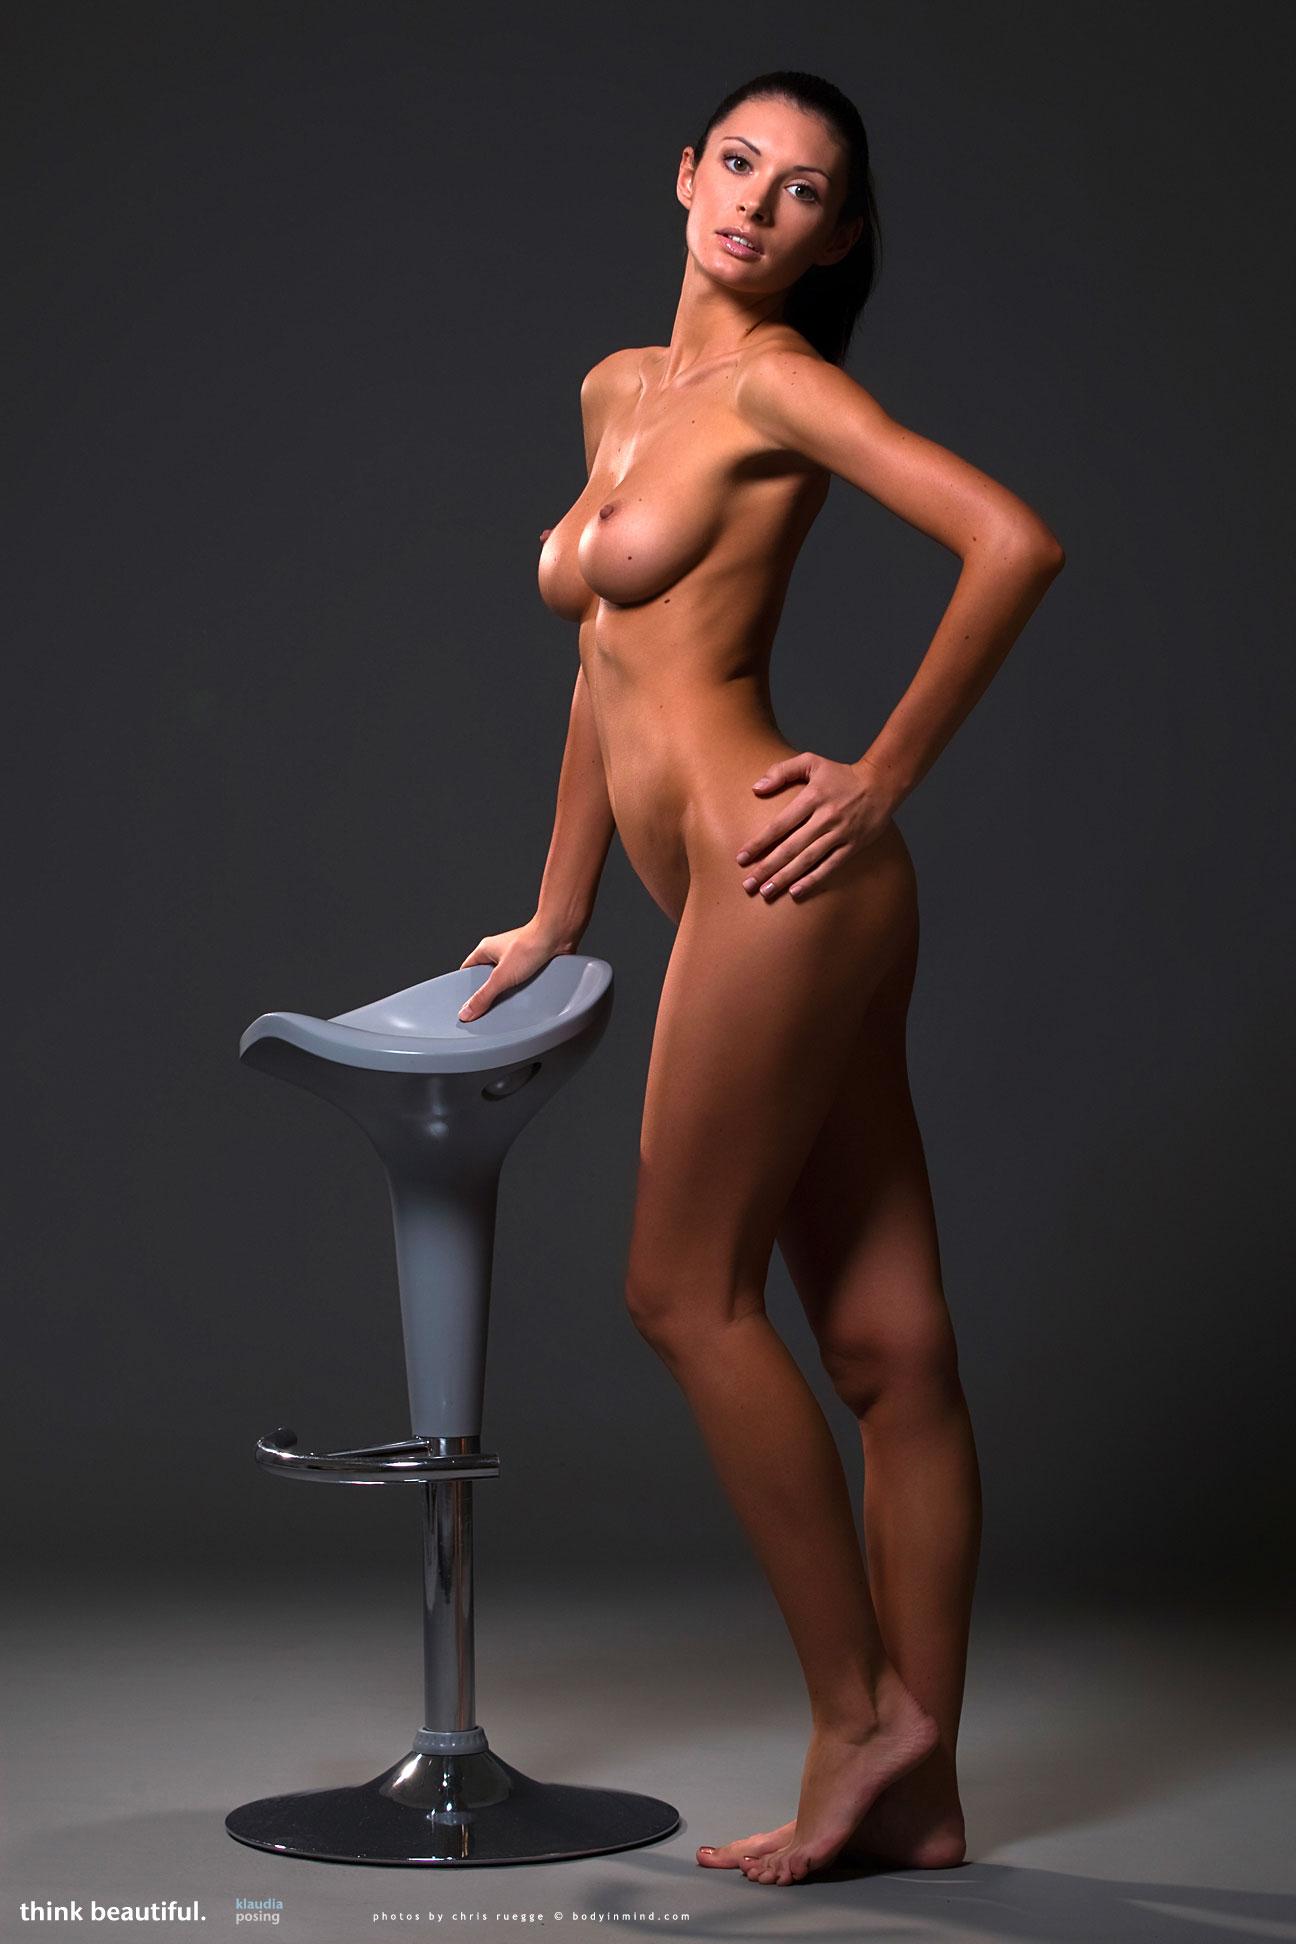 Klaudia Posing - NudesPuri.com